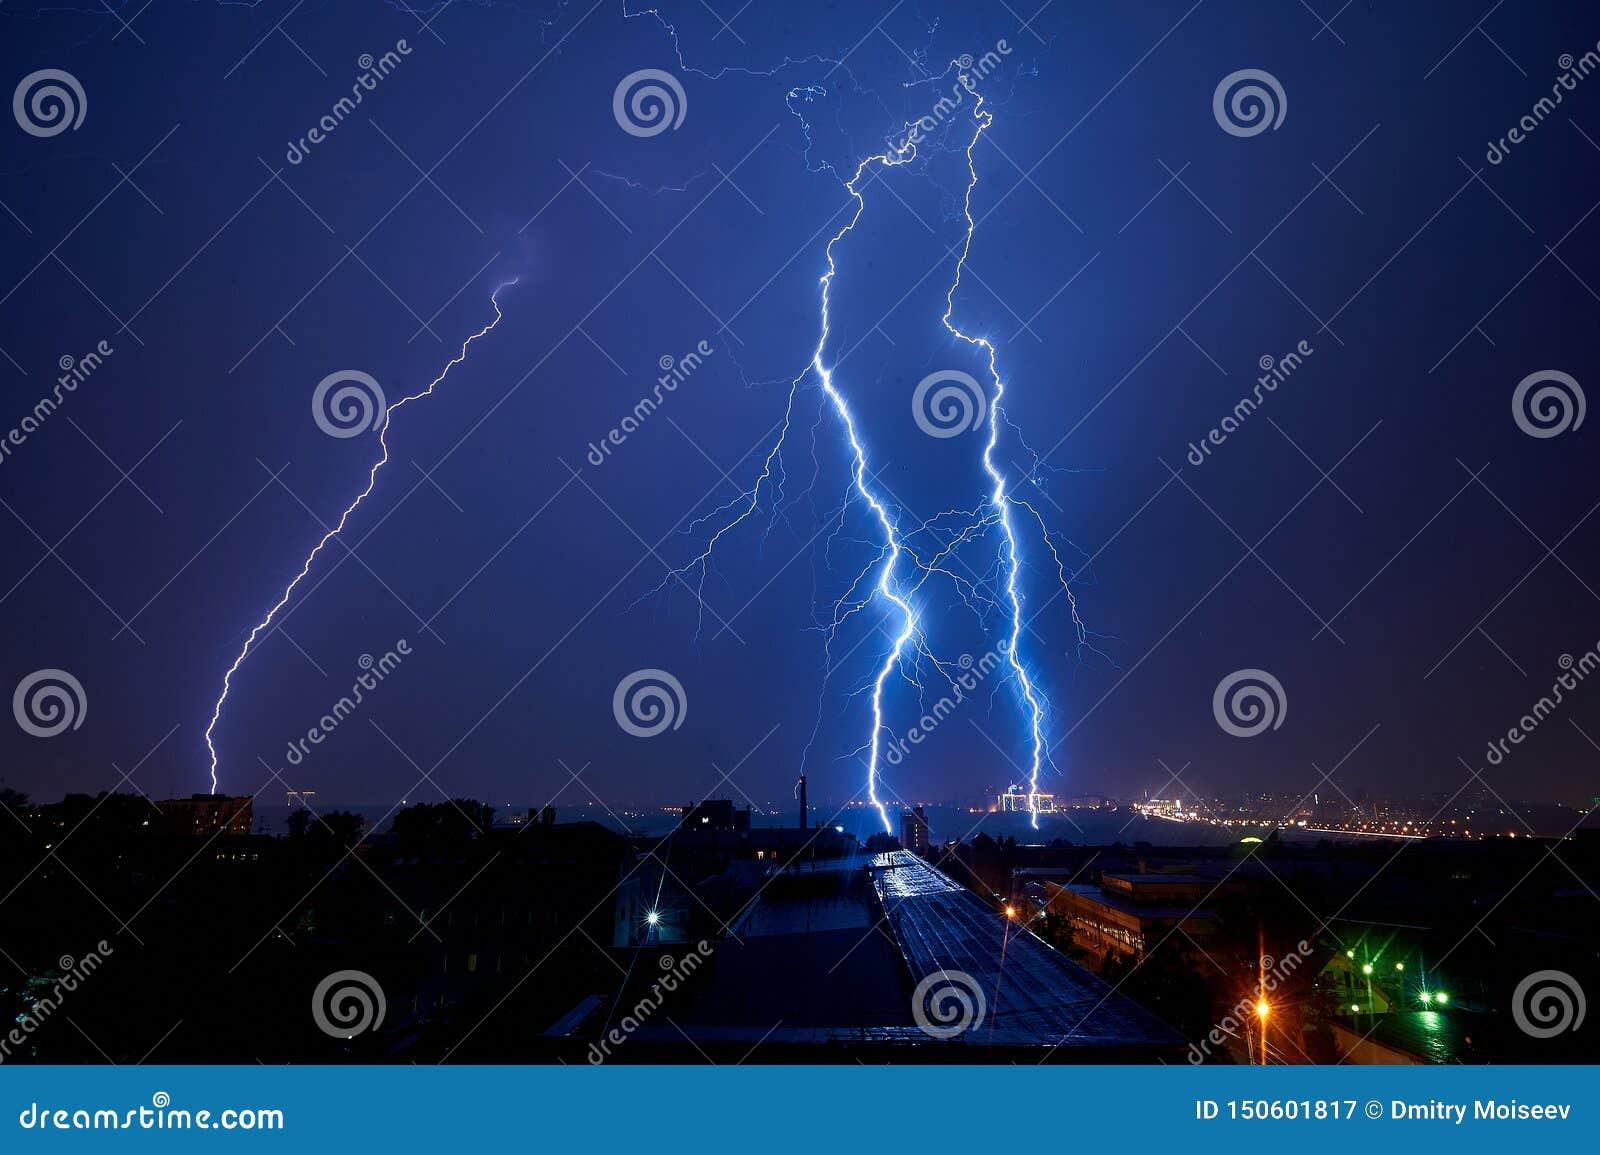 Thunderstorm in the city at night lightning dark summer beauty